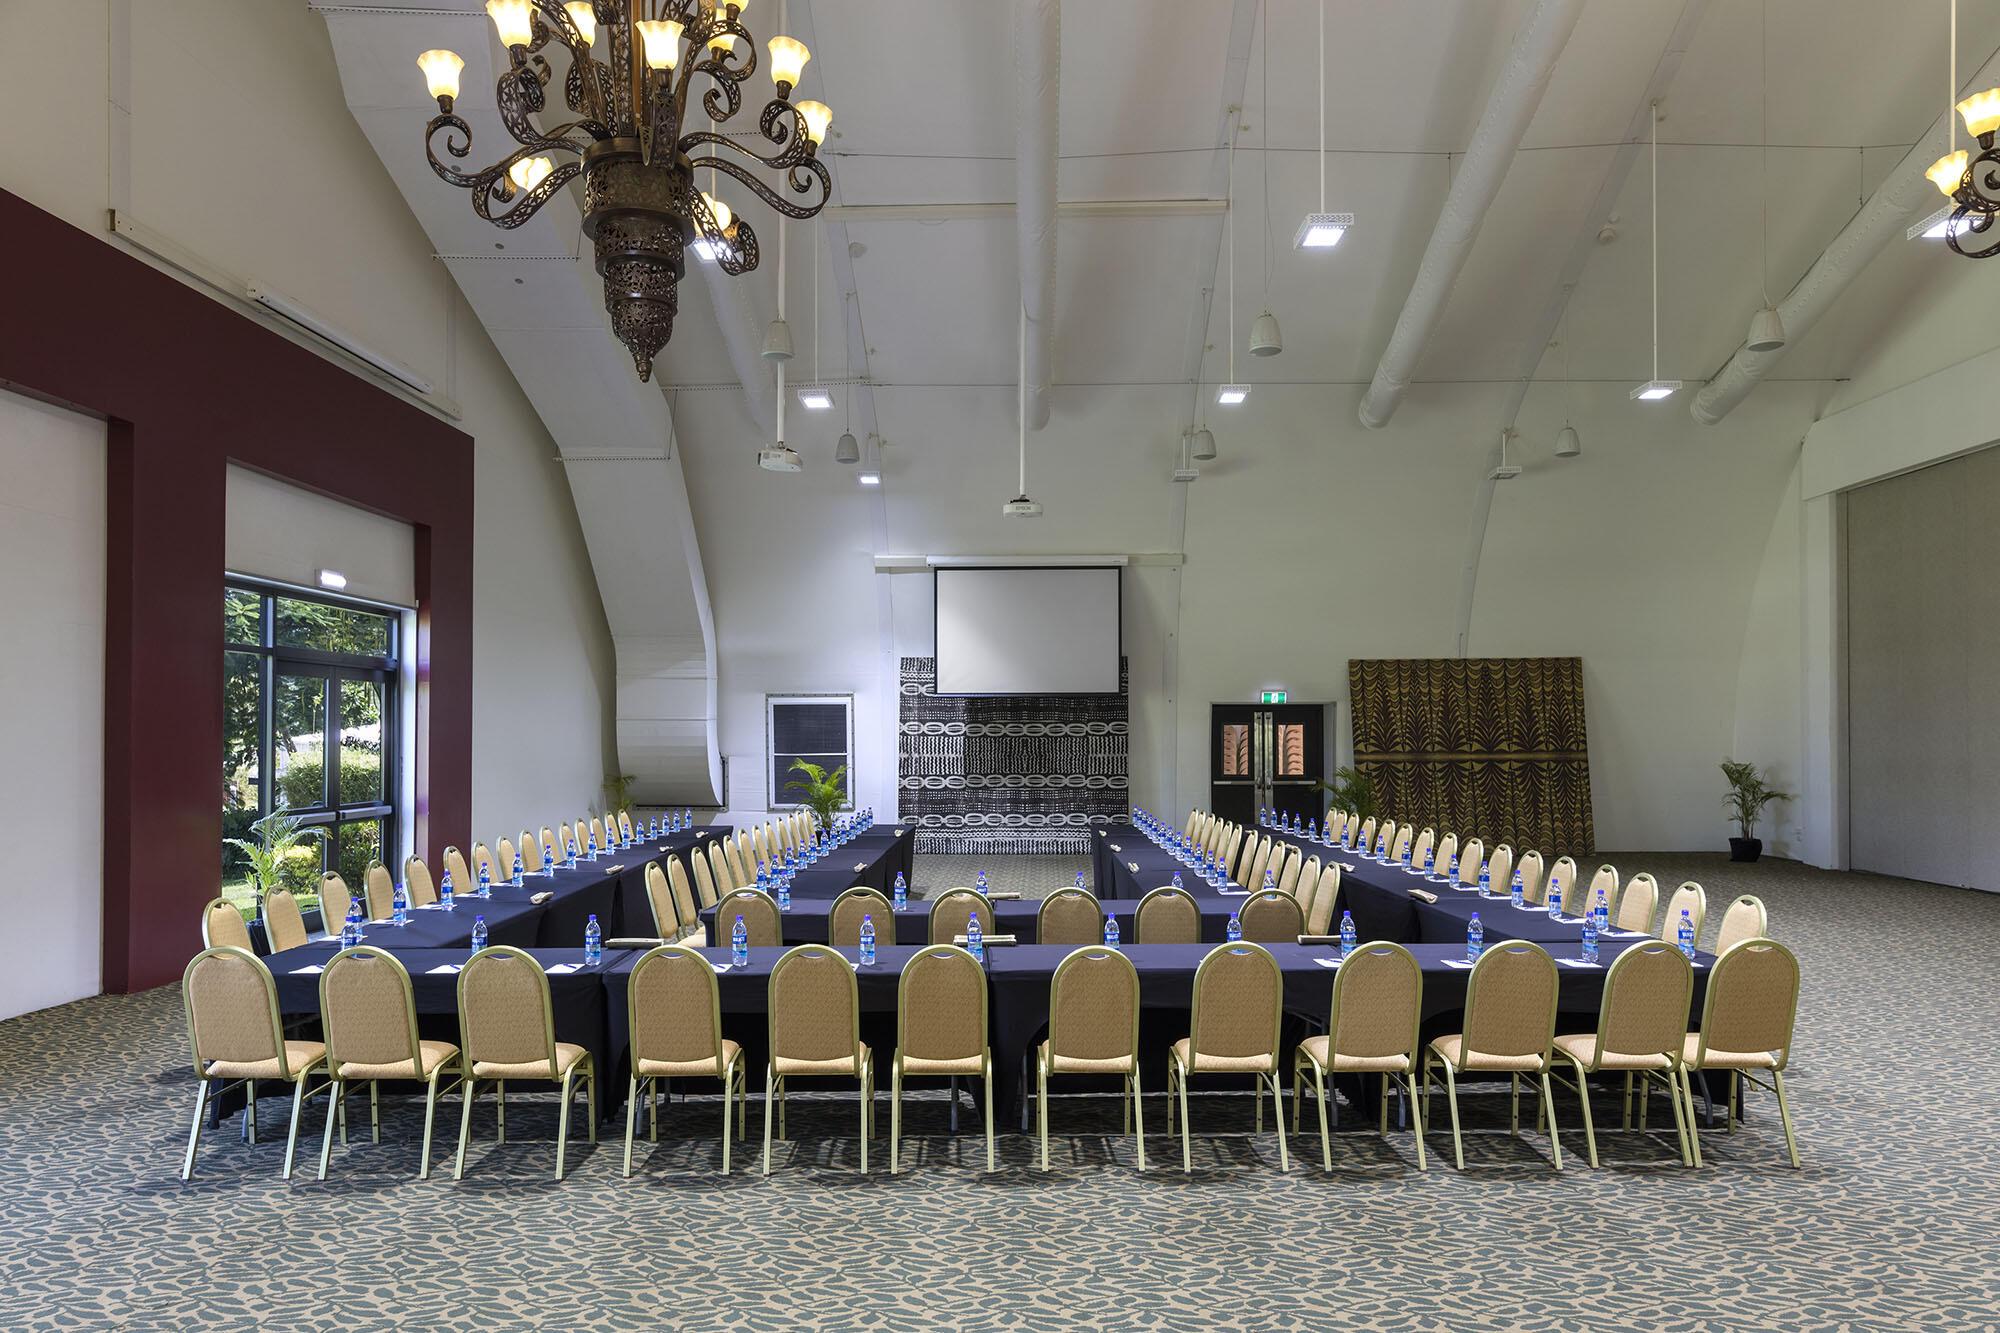 Meeting Room U at Warwick Le Lagon - Vanuatu